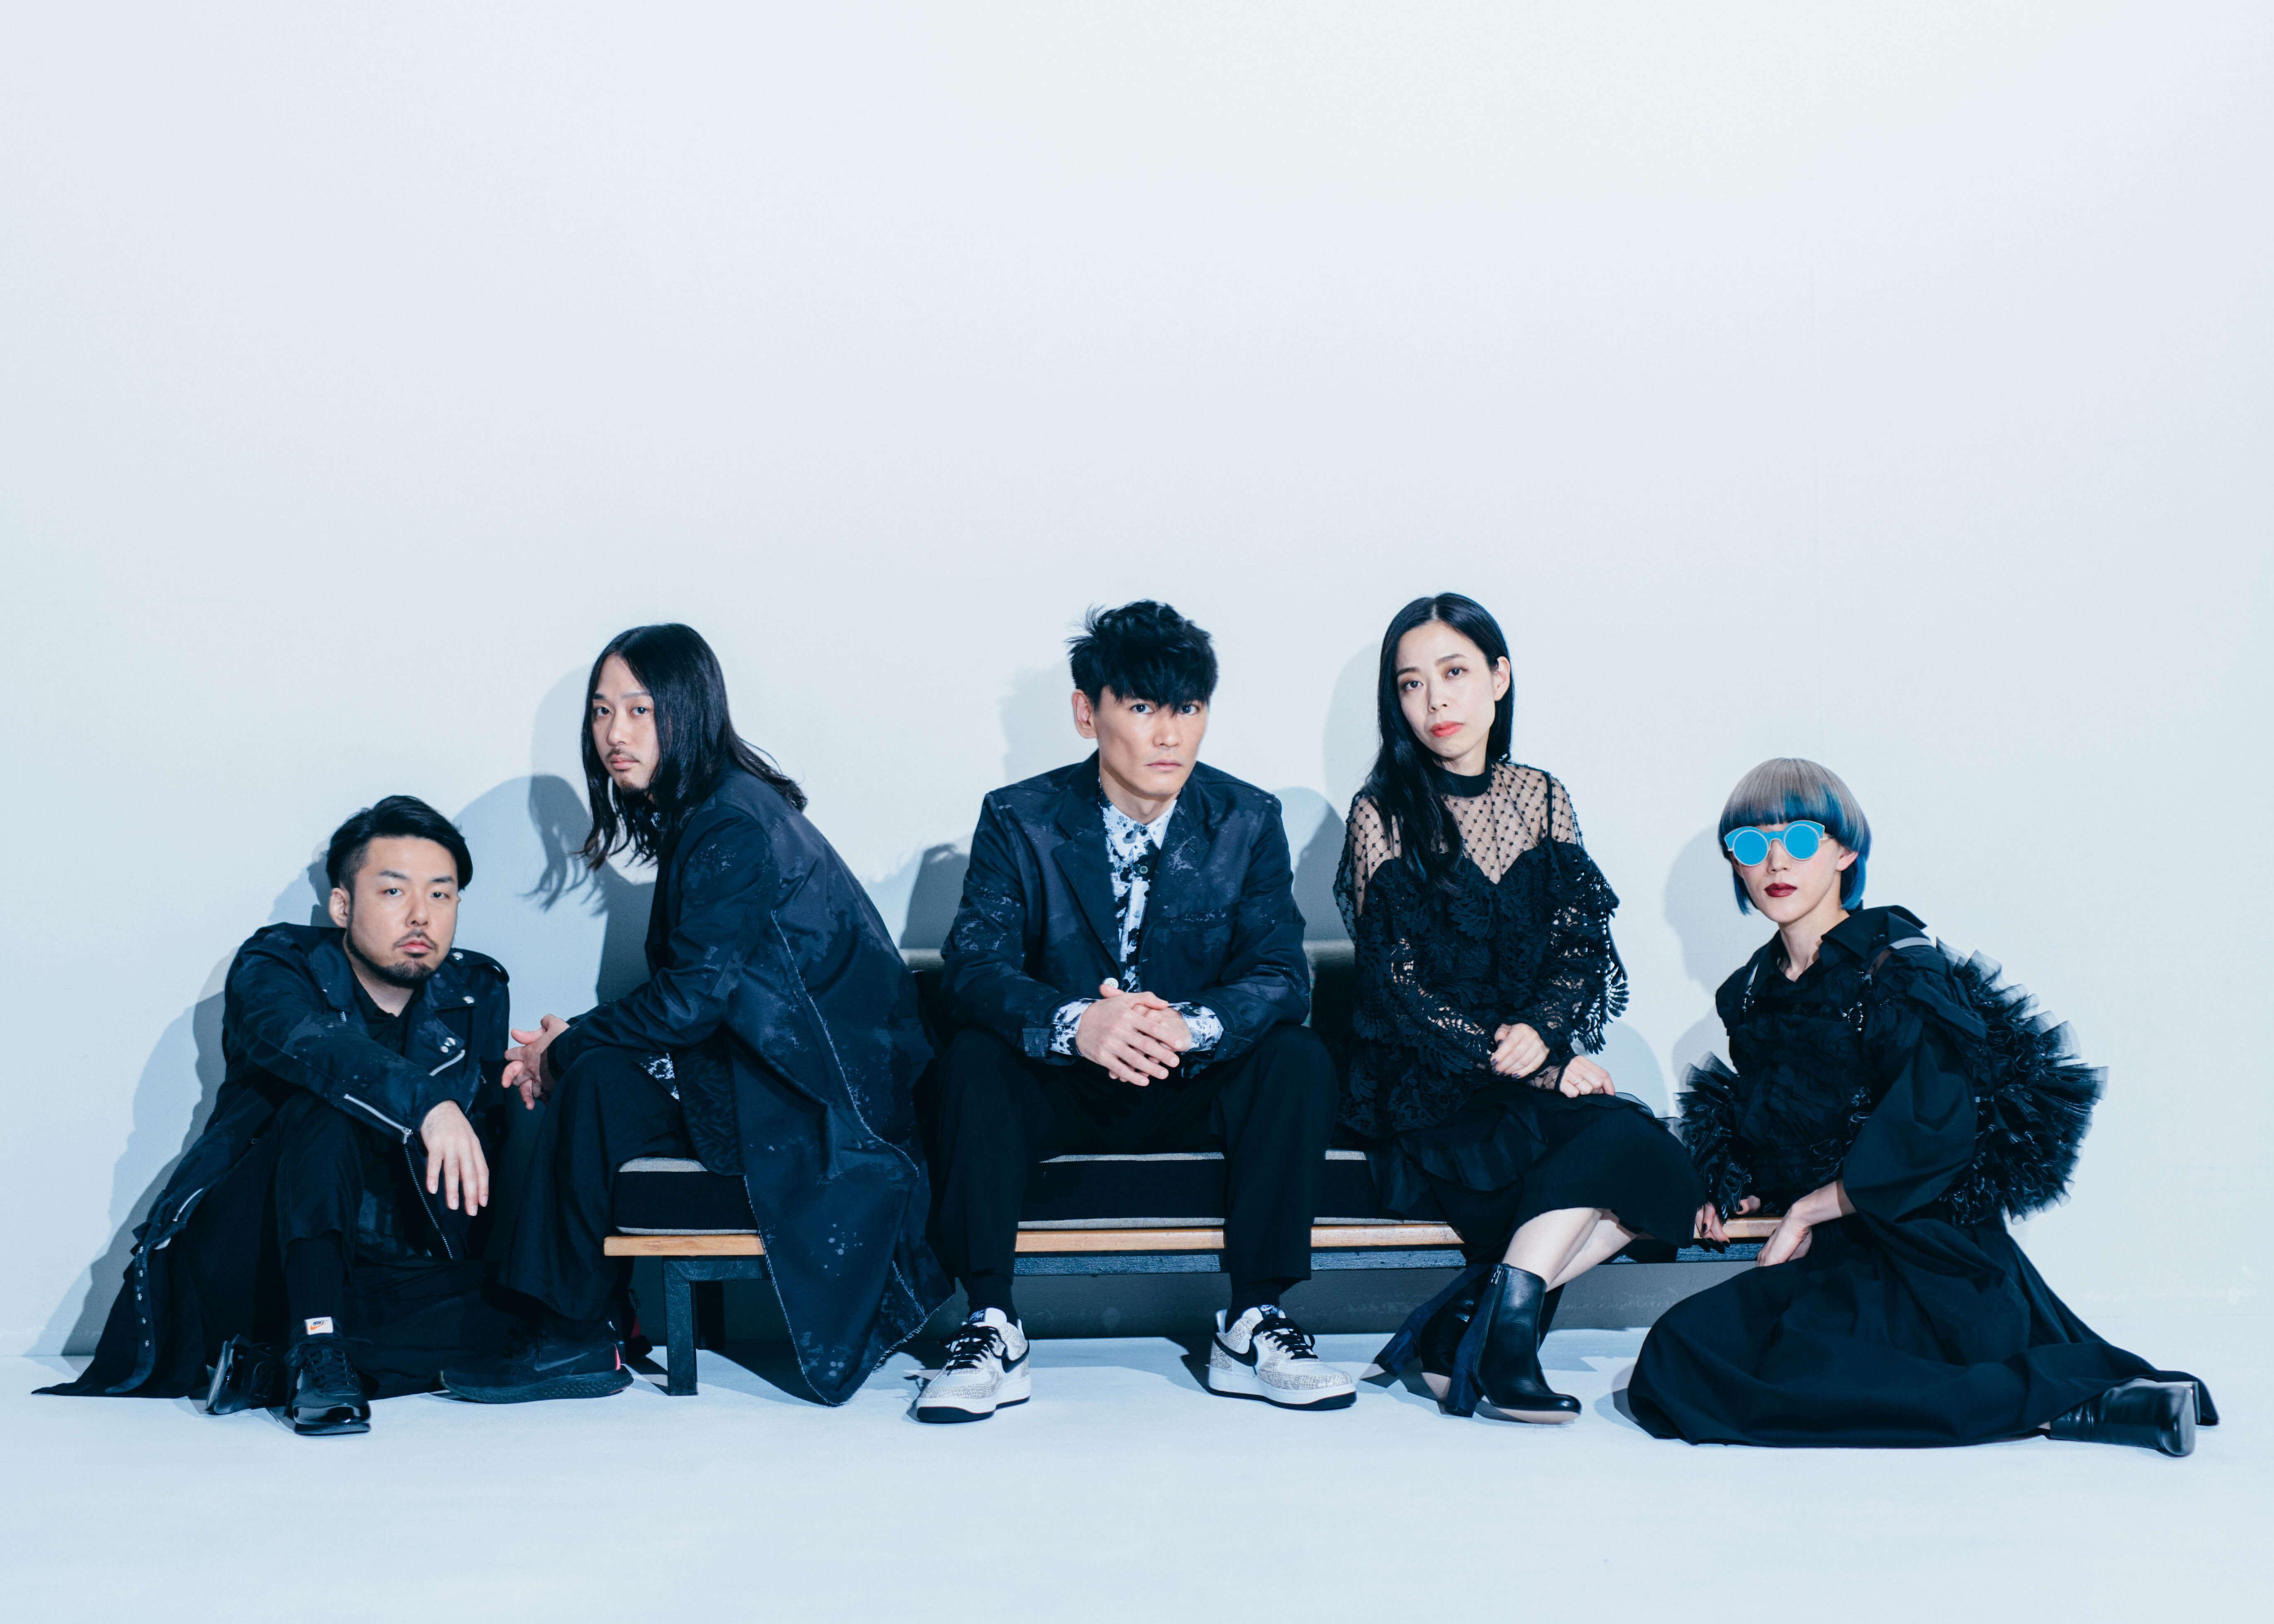 「三代目 J SOUL BROTHERS 山下健二郎ZERO BASE」にサカナクション・山口一郎が出演決定